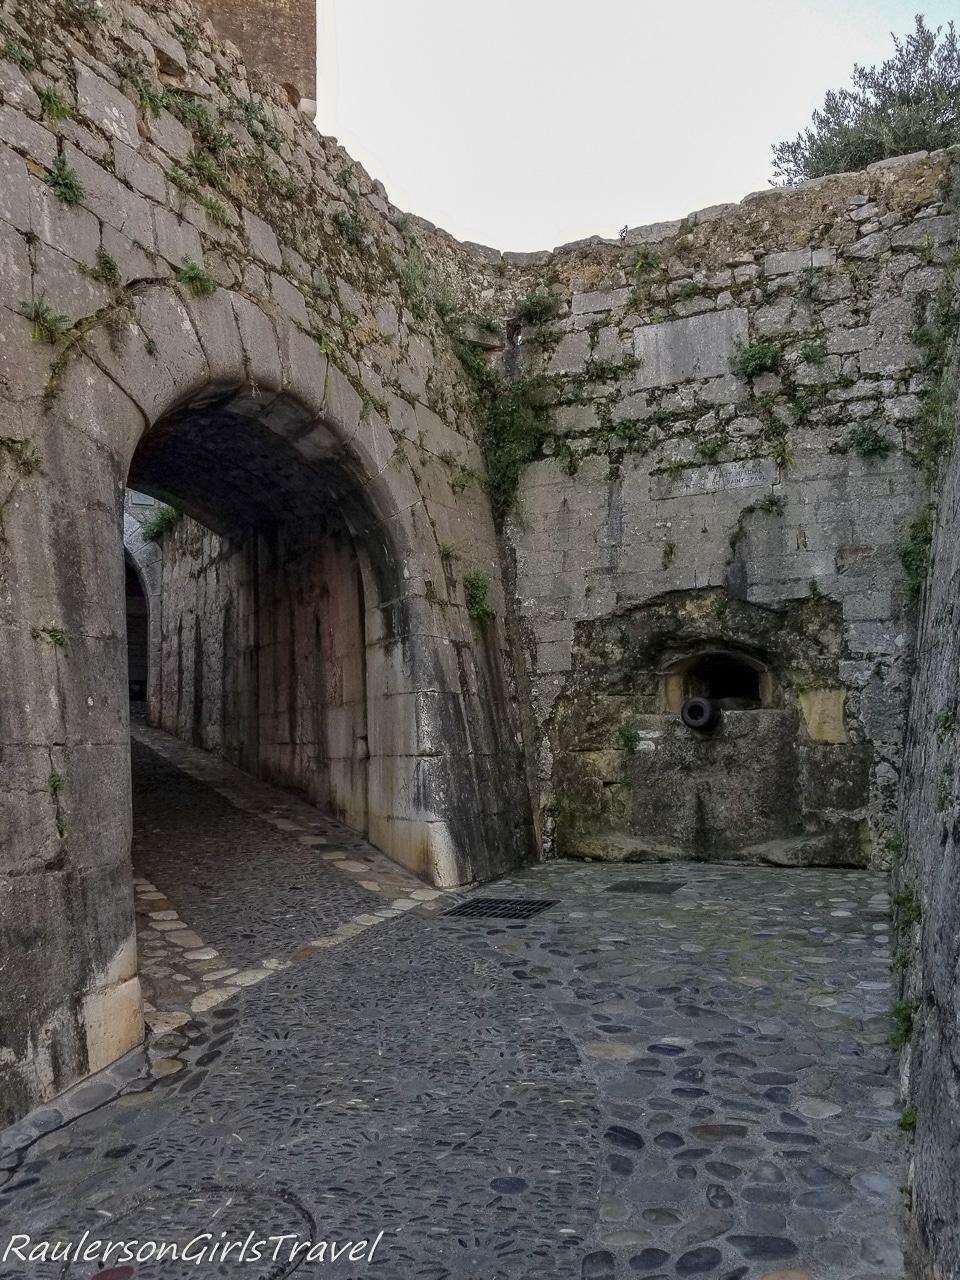 Saint Paul de Vence Arched royal gate with cannon